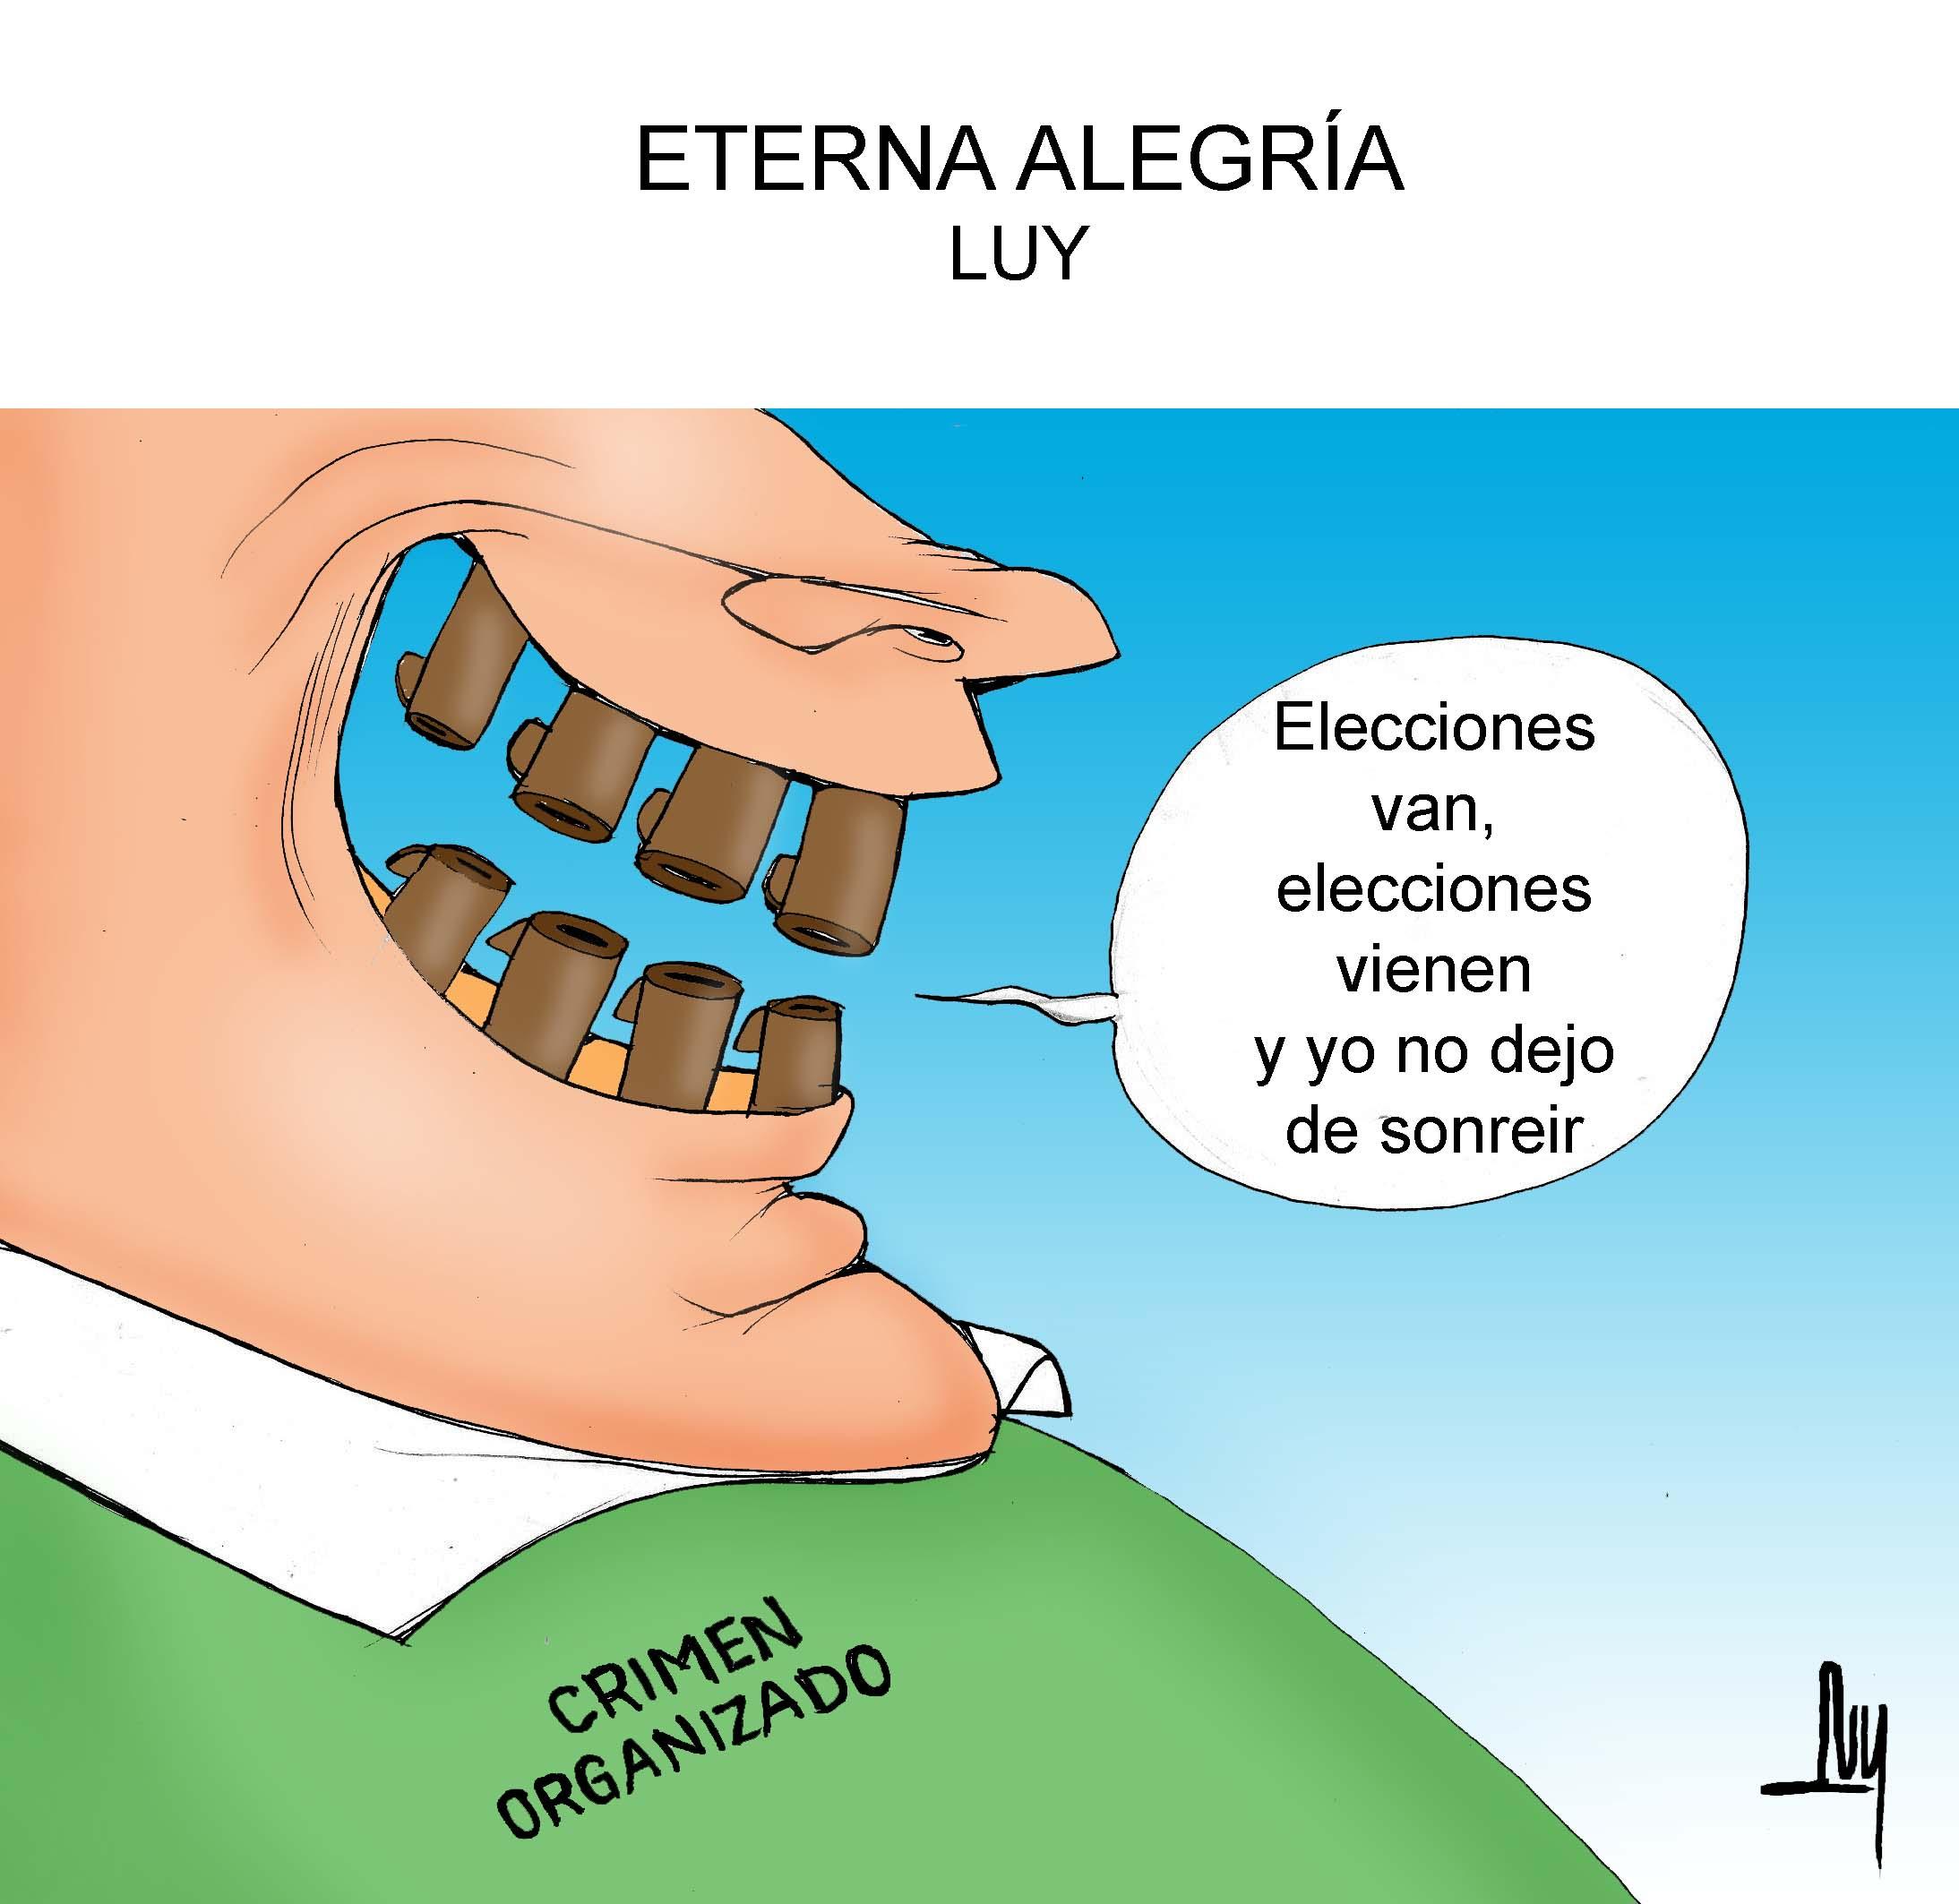 eterna_alegria